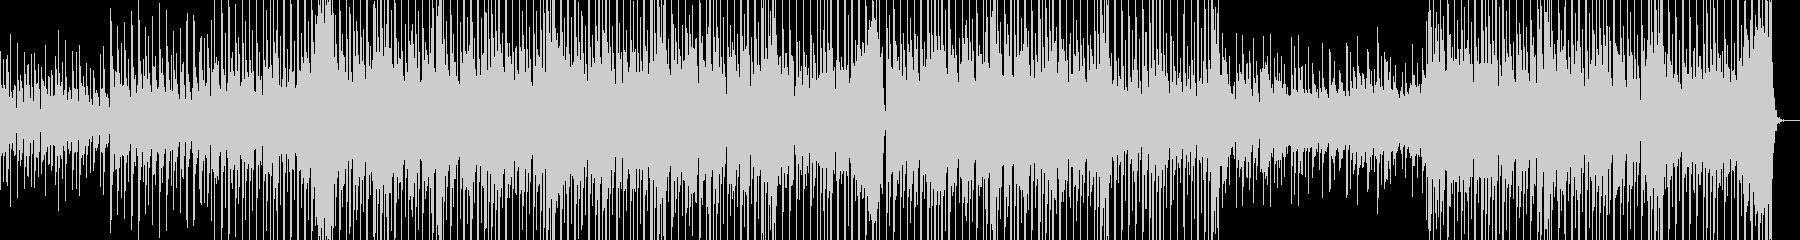 ちょっと切なくてかわいい感じの曲の未再生の波形